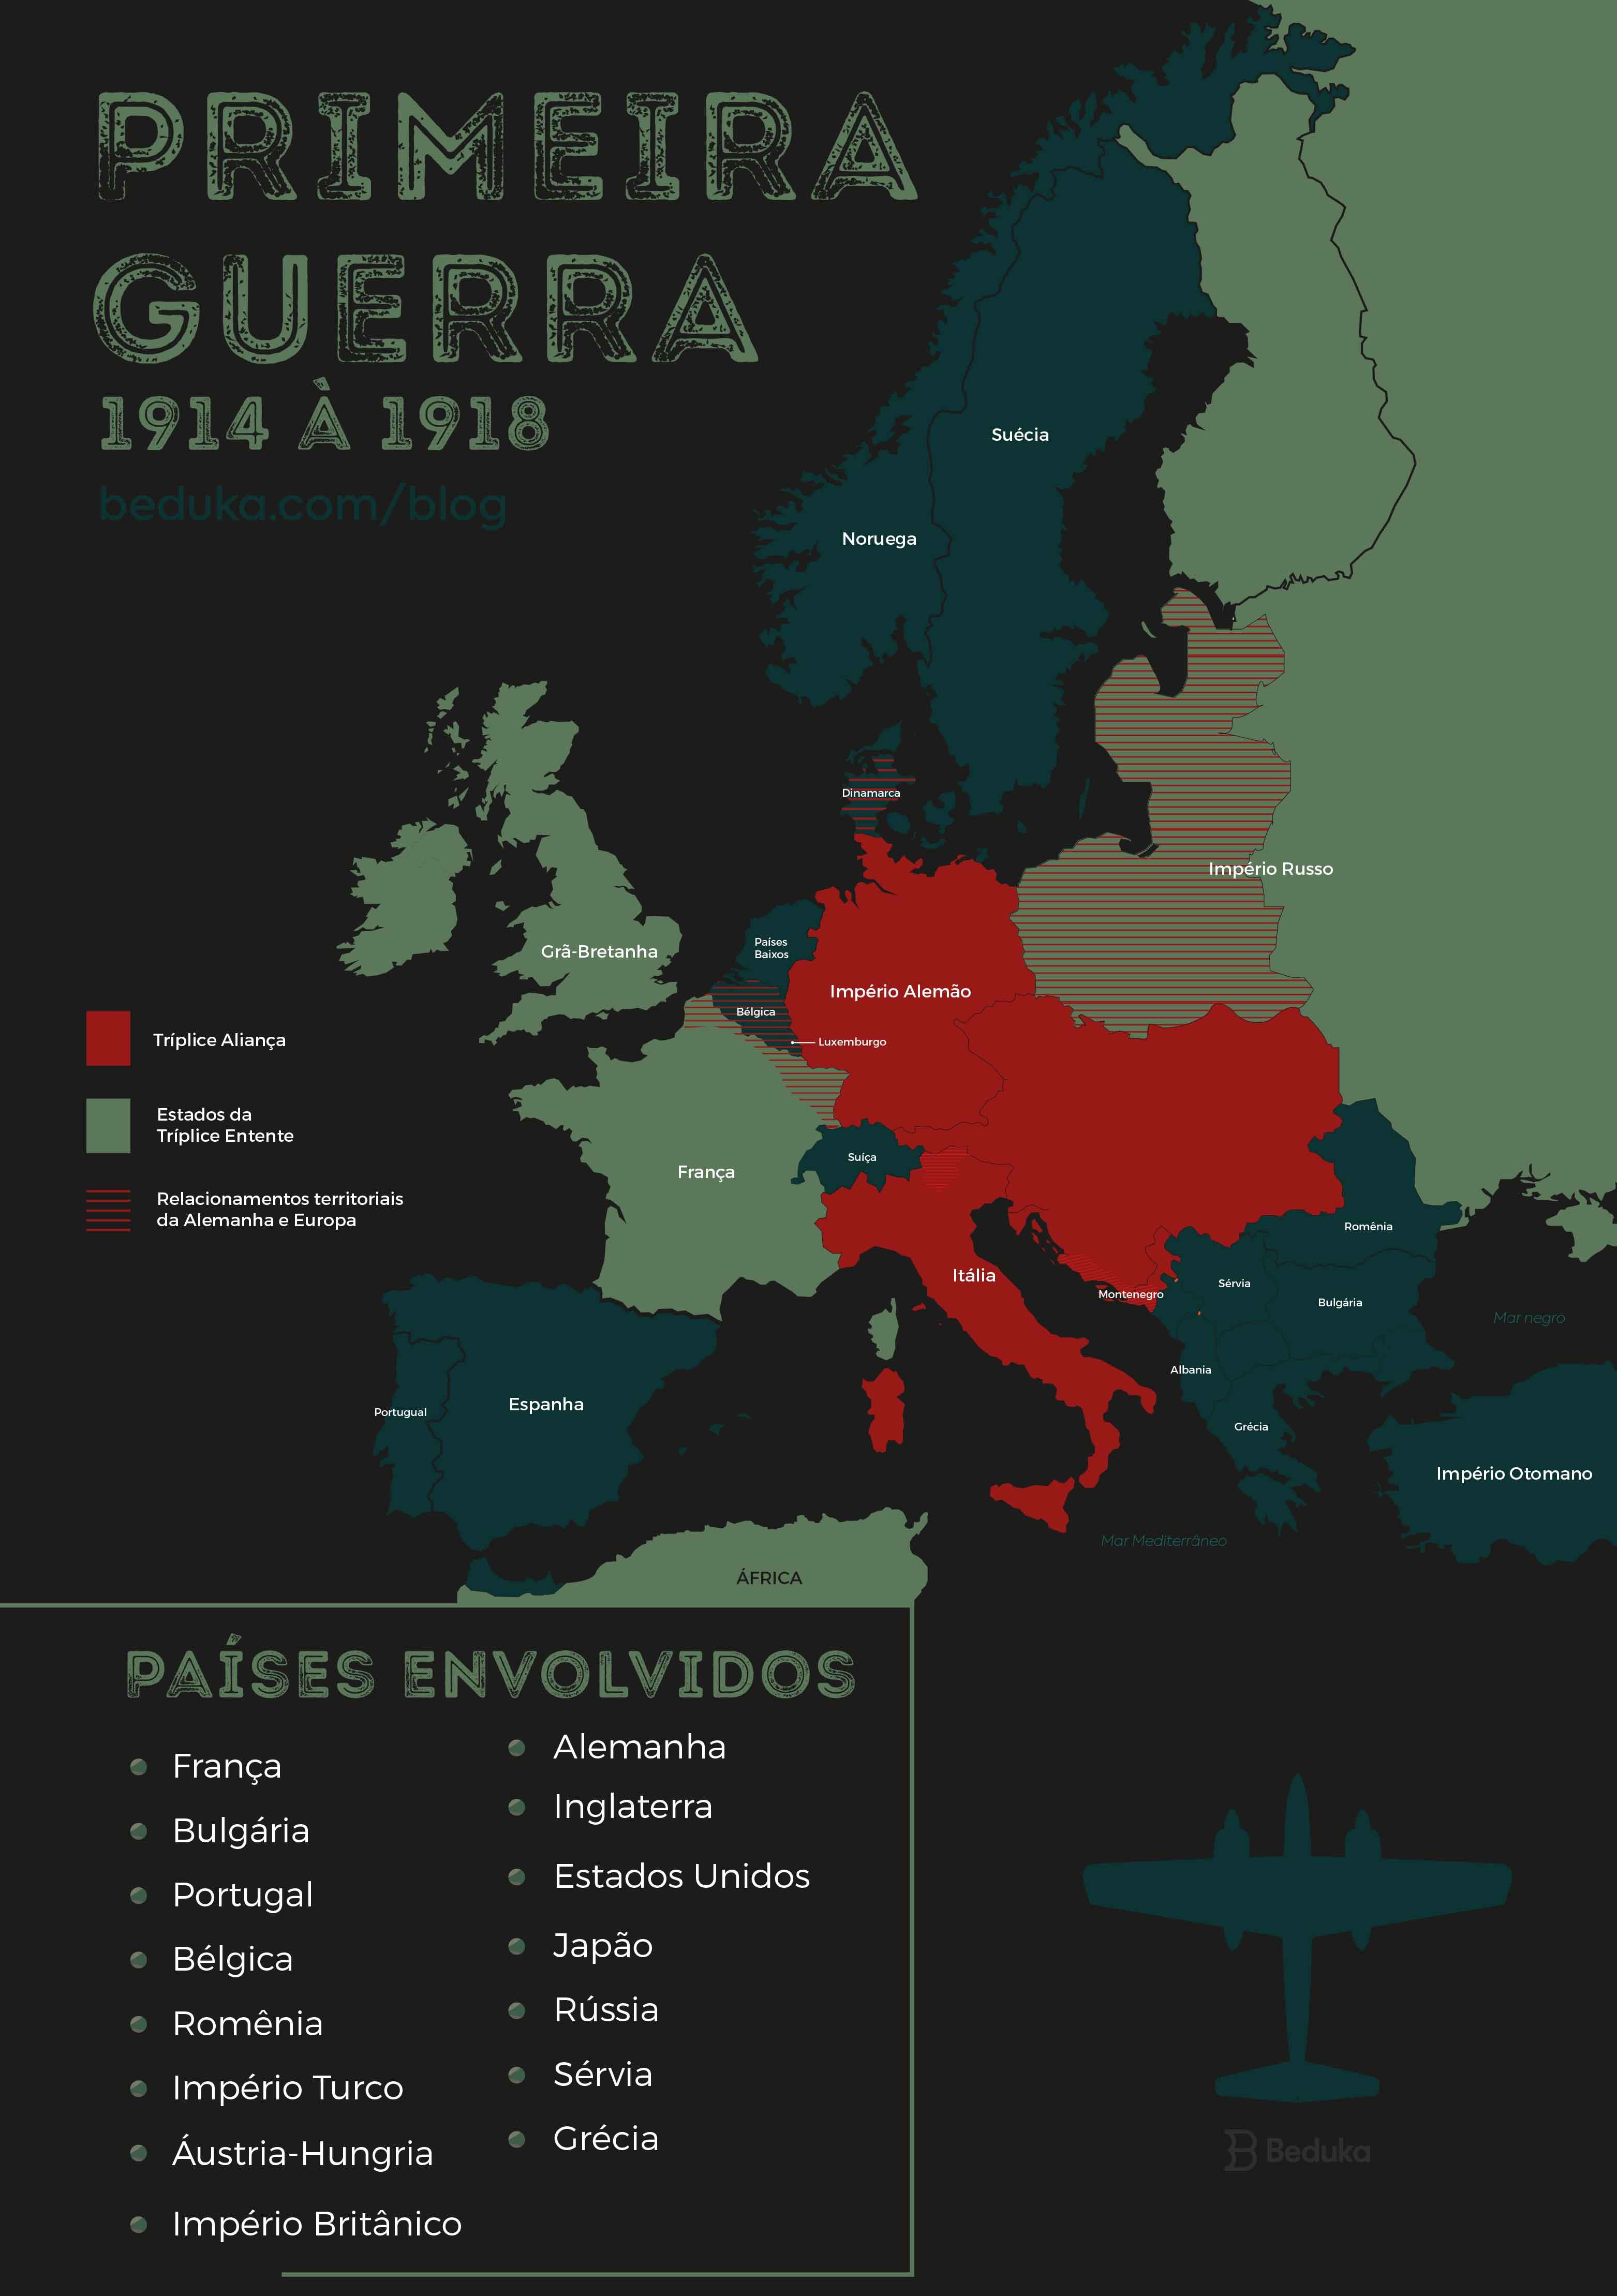 Mapa da primeira Primeira Guerra Mundial 1